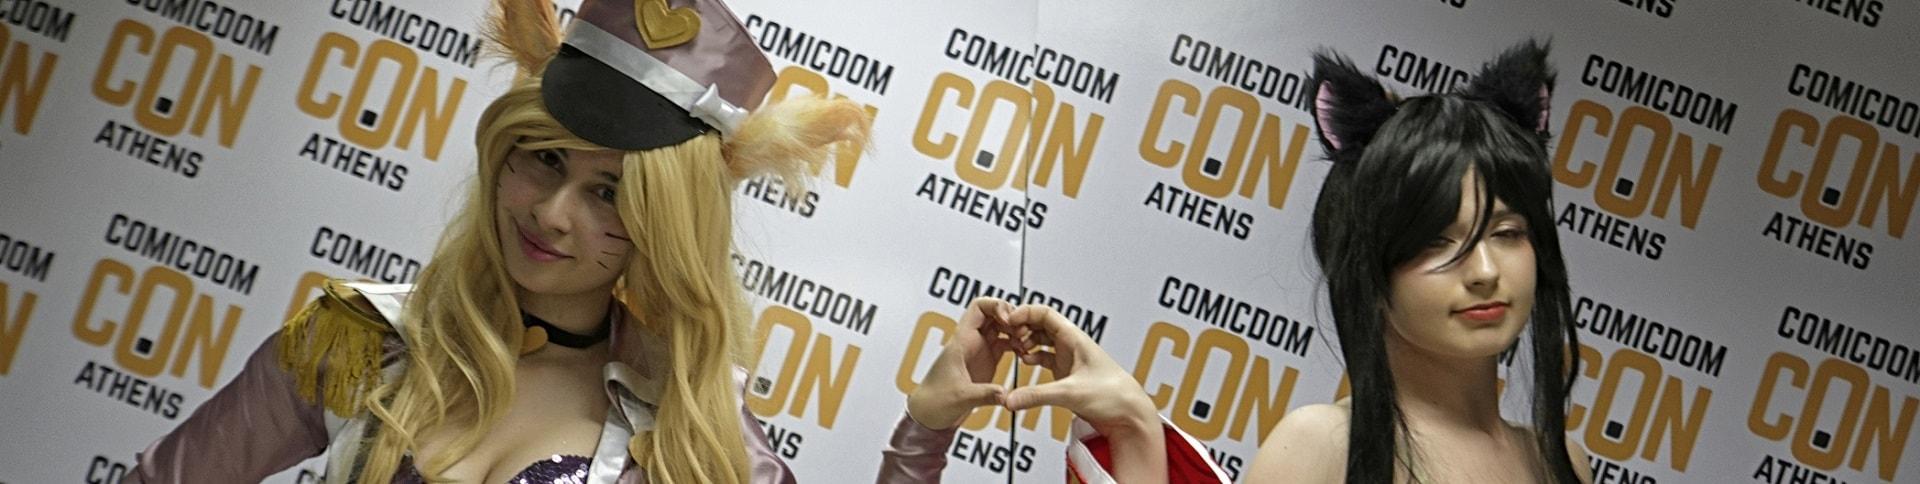 Comicdom Cosplay 2017 Photo Extravaganza